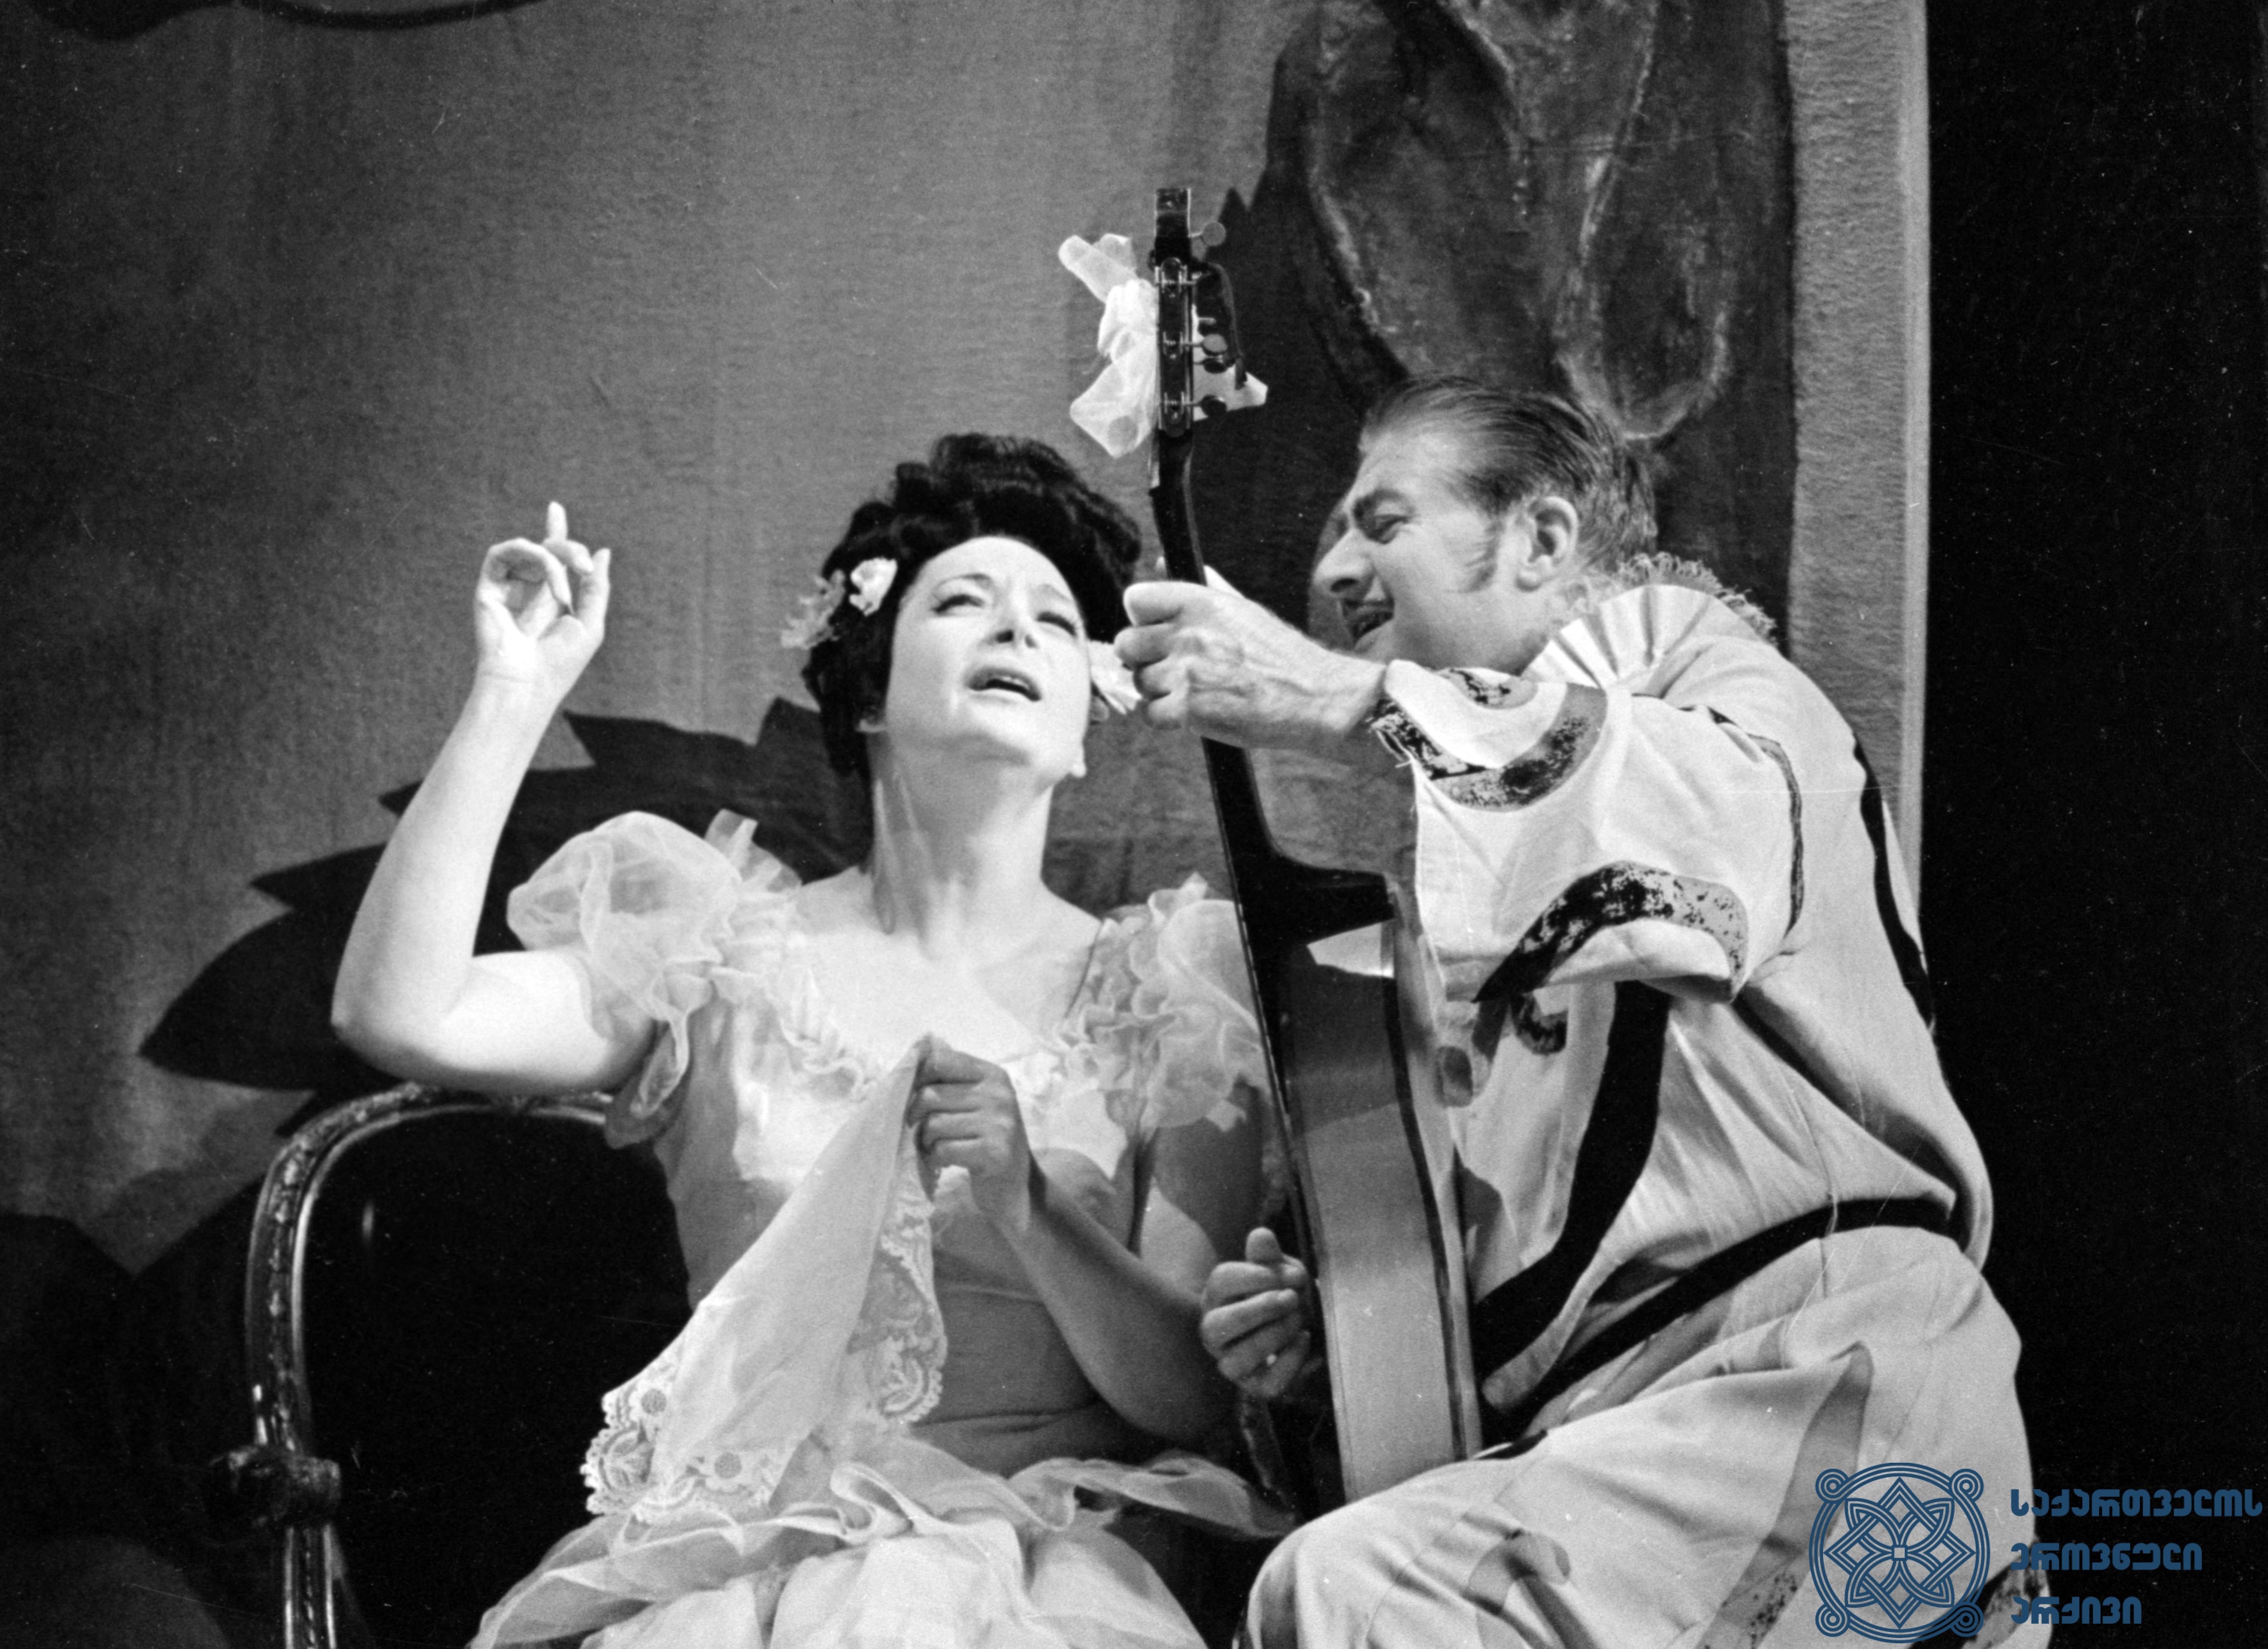 """მარჯანიშვილის სახელობის აკადემიური თეატრის სპექტაკლი """"ძველი ვოდევილები"""". <br> ჭიჭინაძე – გოგი გელოვანი, სონა –ელენე ყიფშიძე. <br> 1972 წელი.<br> The Marjanishvili Academic Theater performance """"Old Vaudeville"""". Gogi Gelovani as Chichinadze, Elene Kiphshidze as Sona.<br> 1972."""